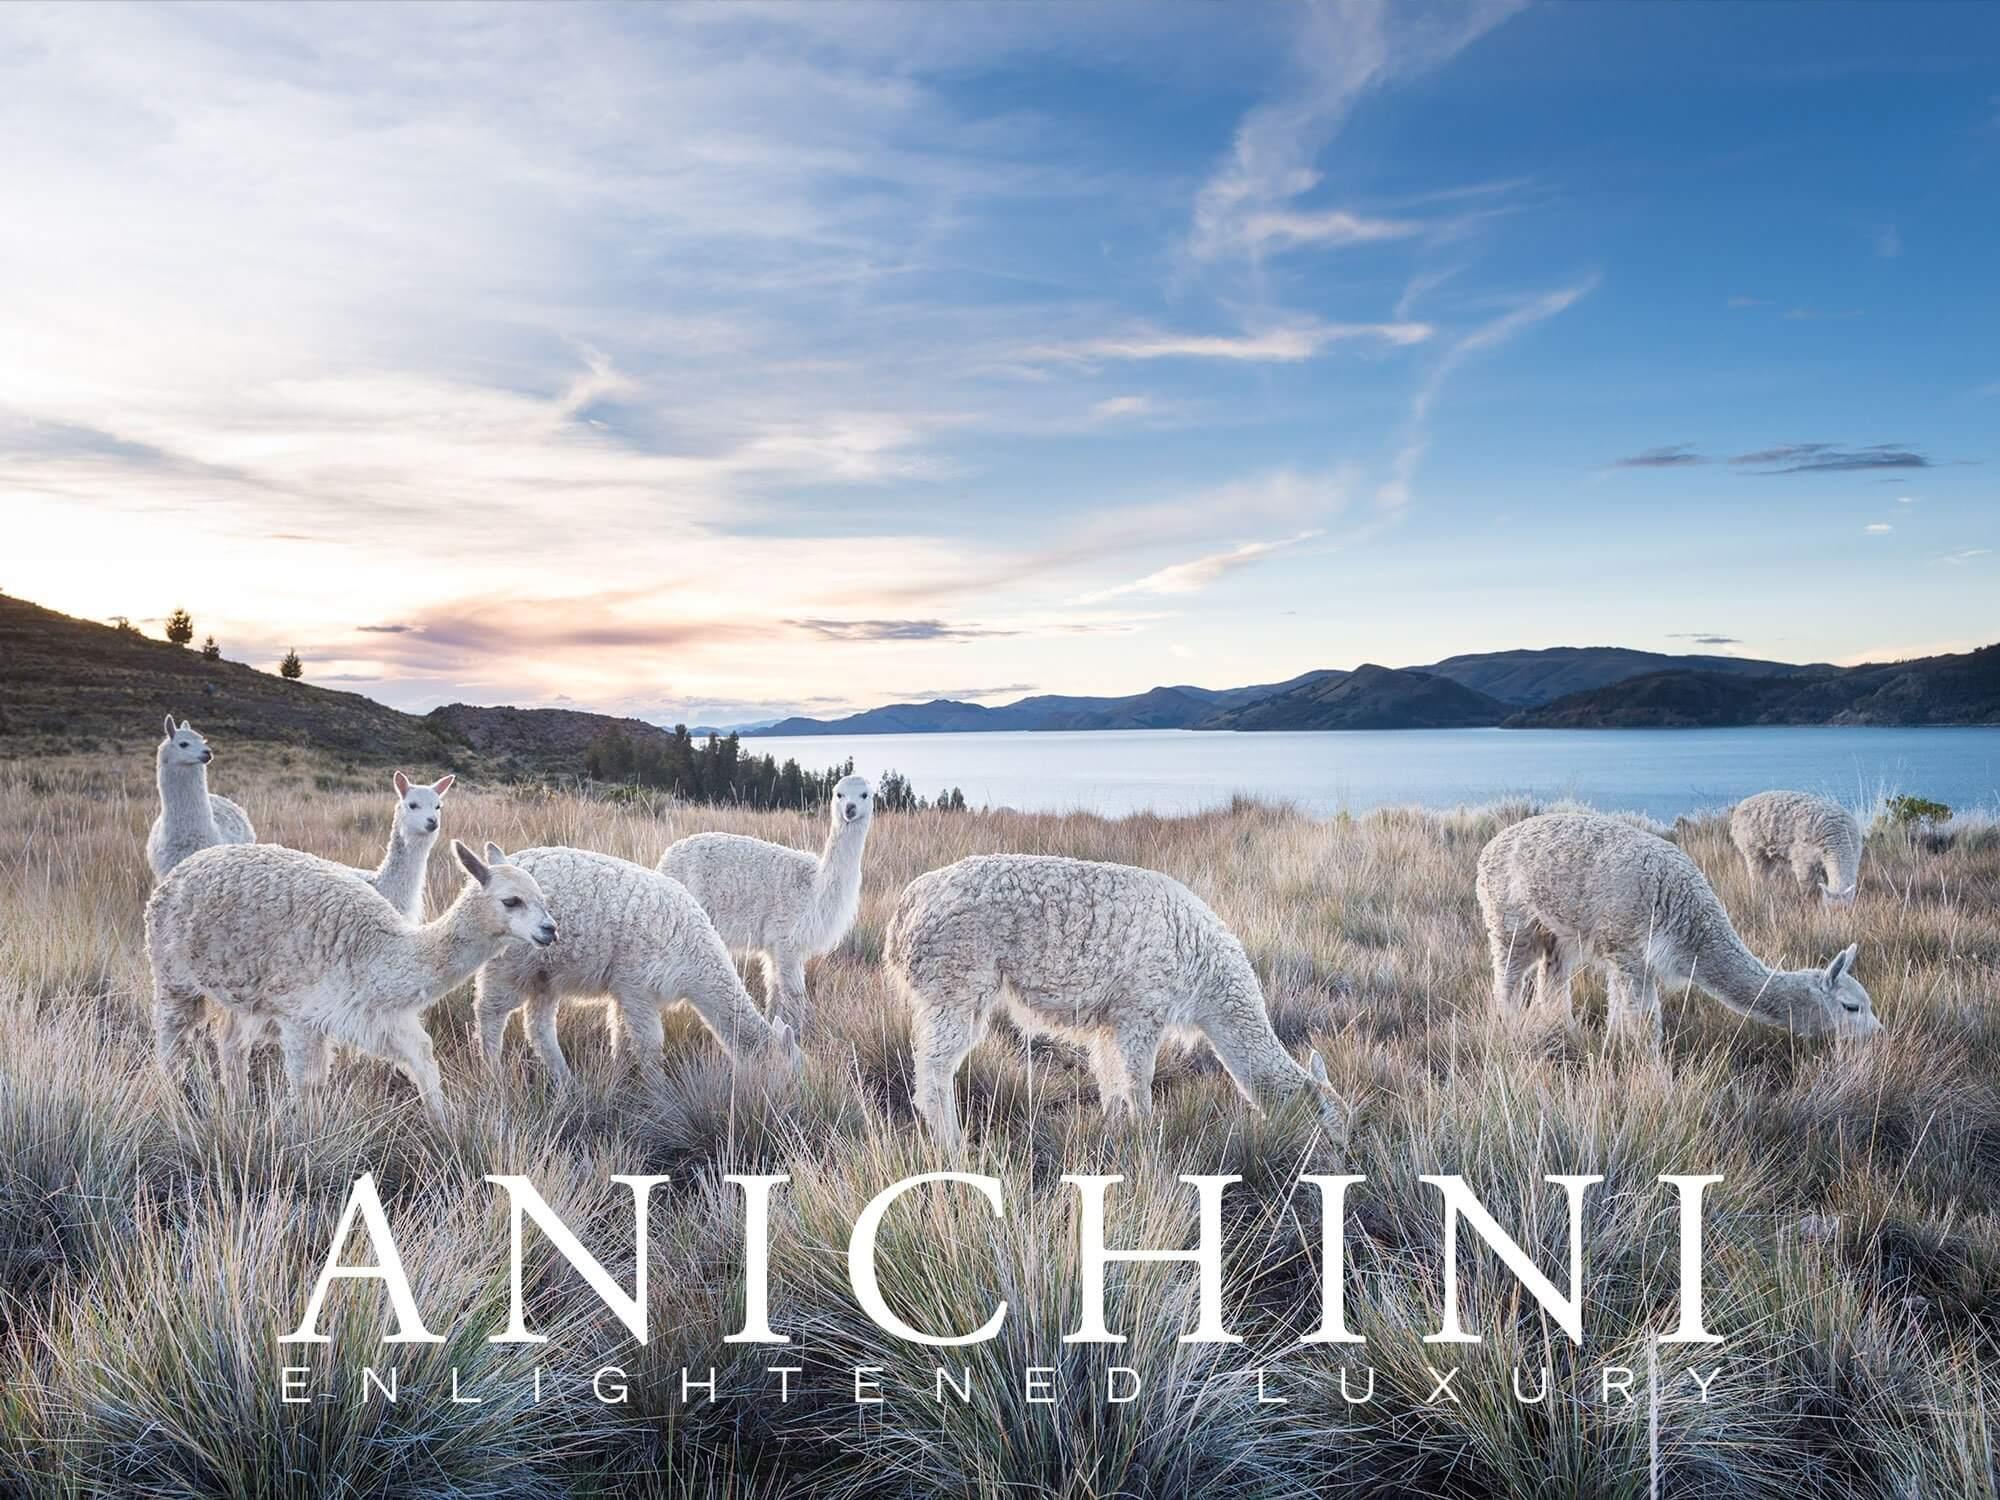 Anichini Llama E-Gfit Card